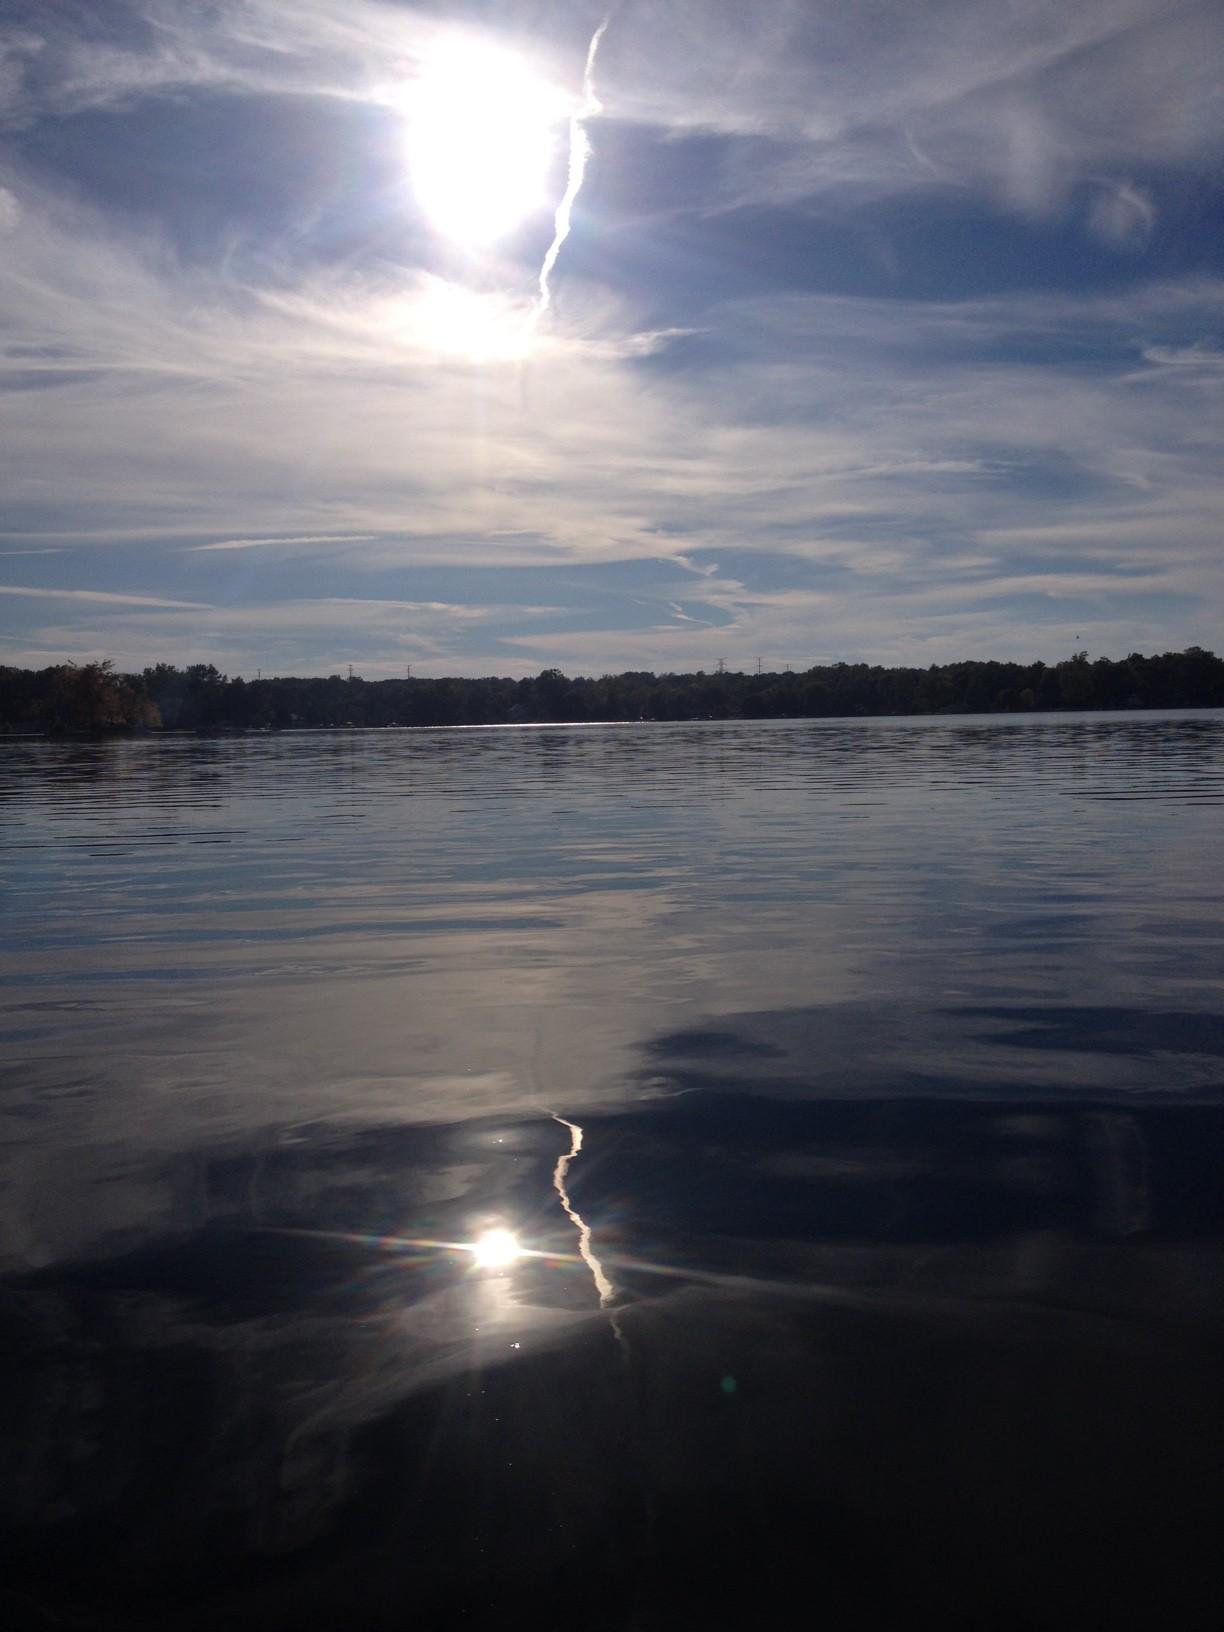 Fenton Chiropractor Lake 2